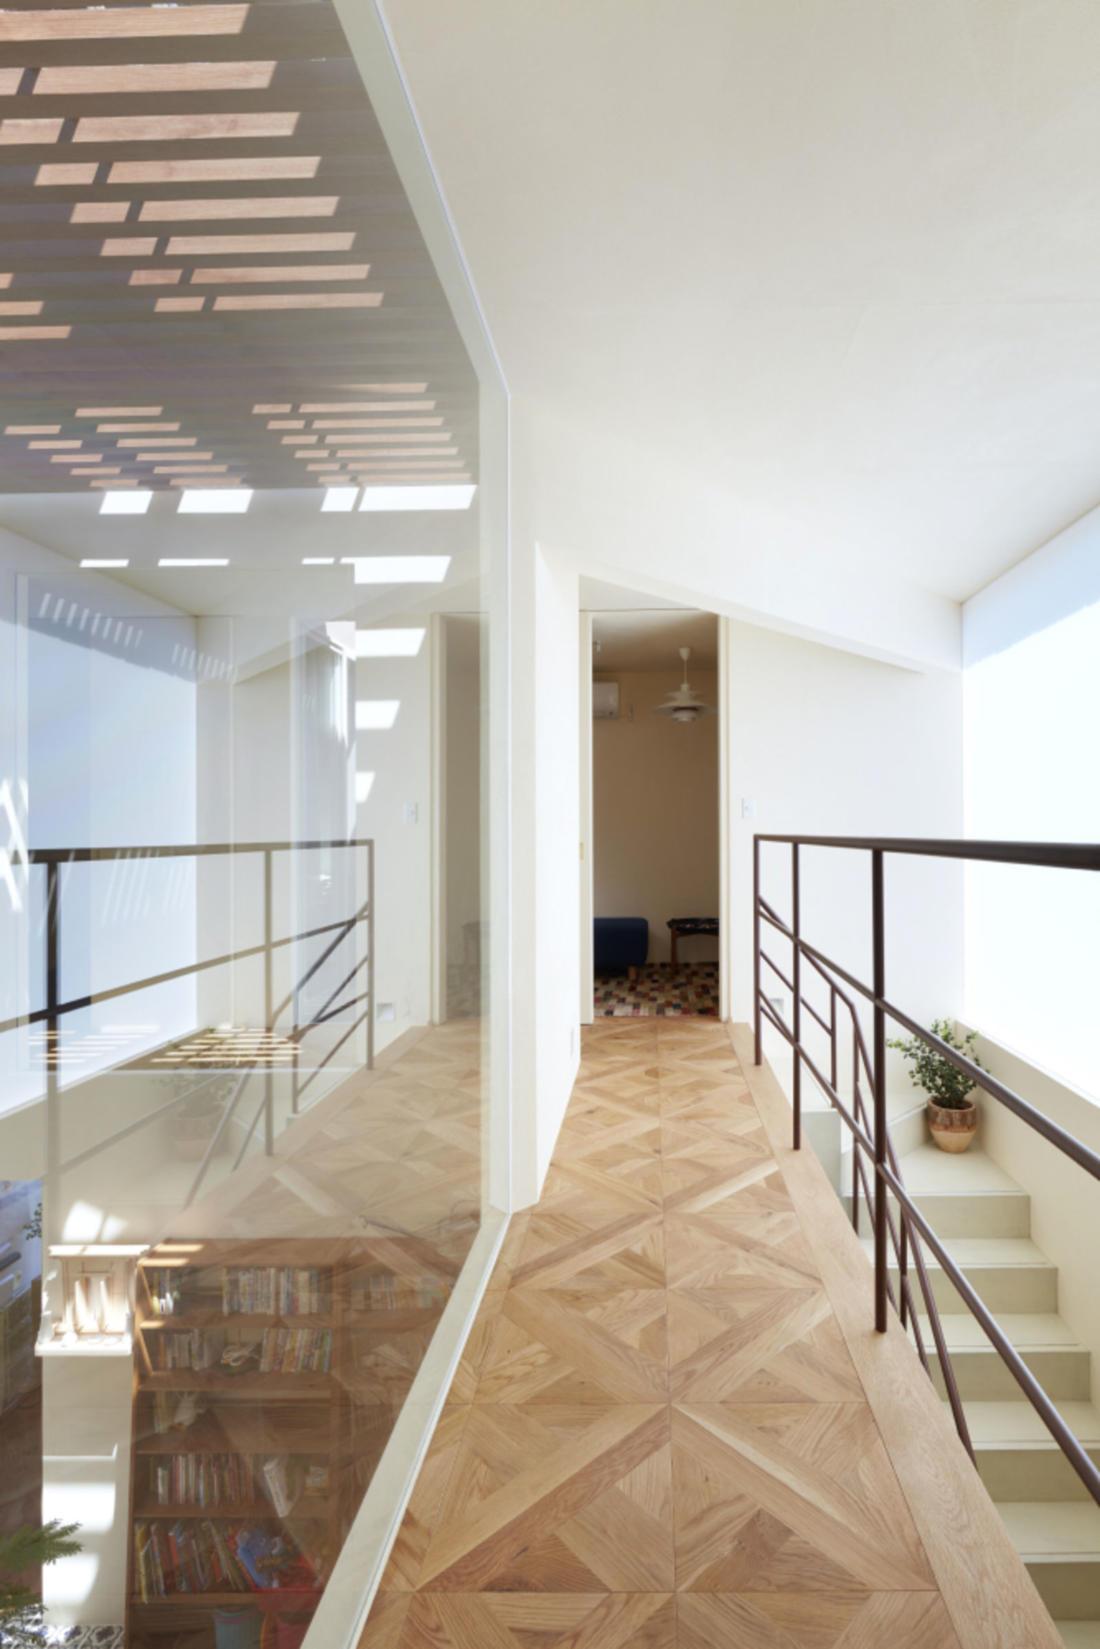 Дом в Хигасиосаке от ателье Fujiwaramuro Architects 12